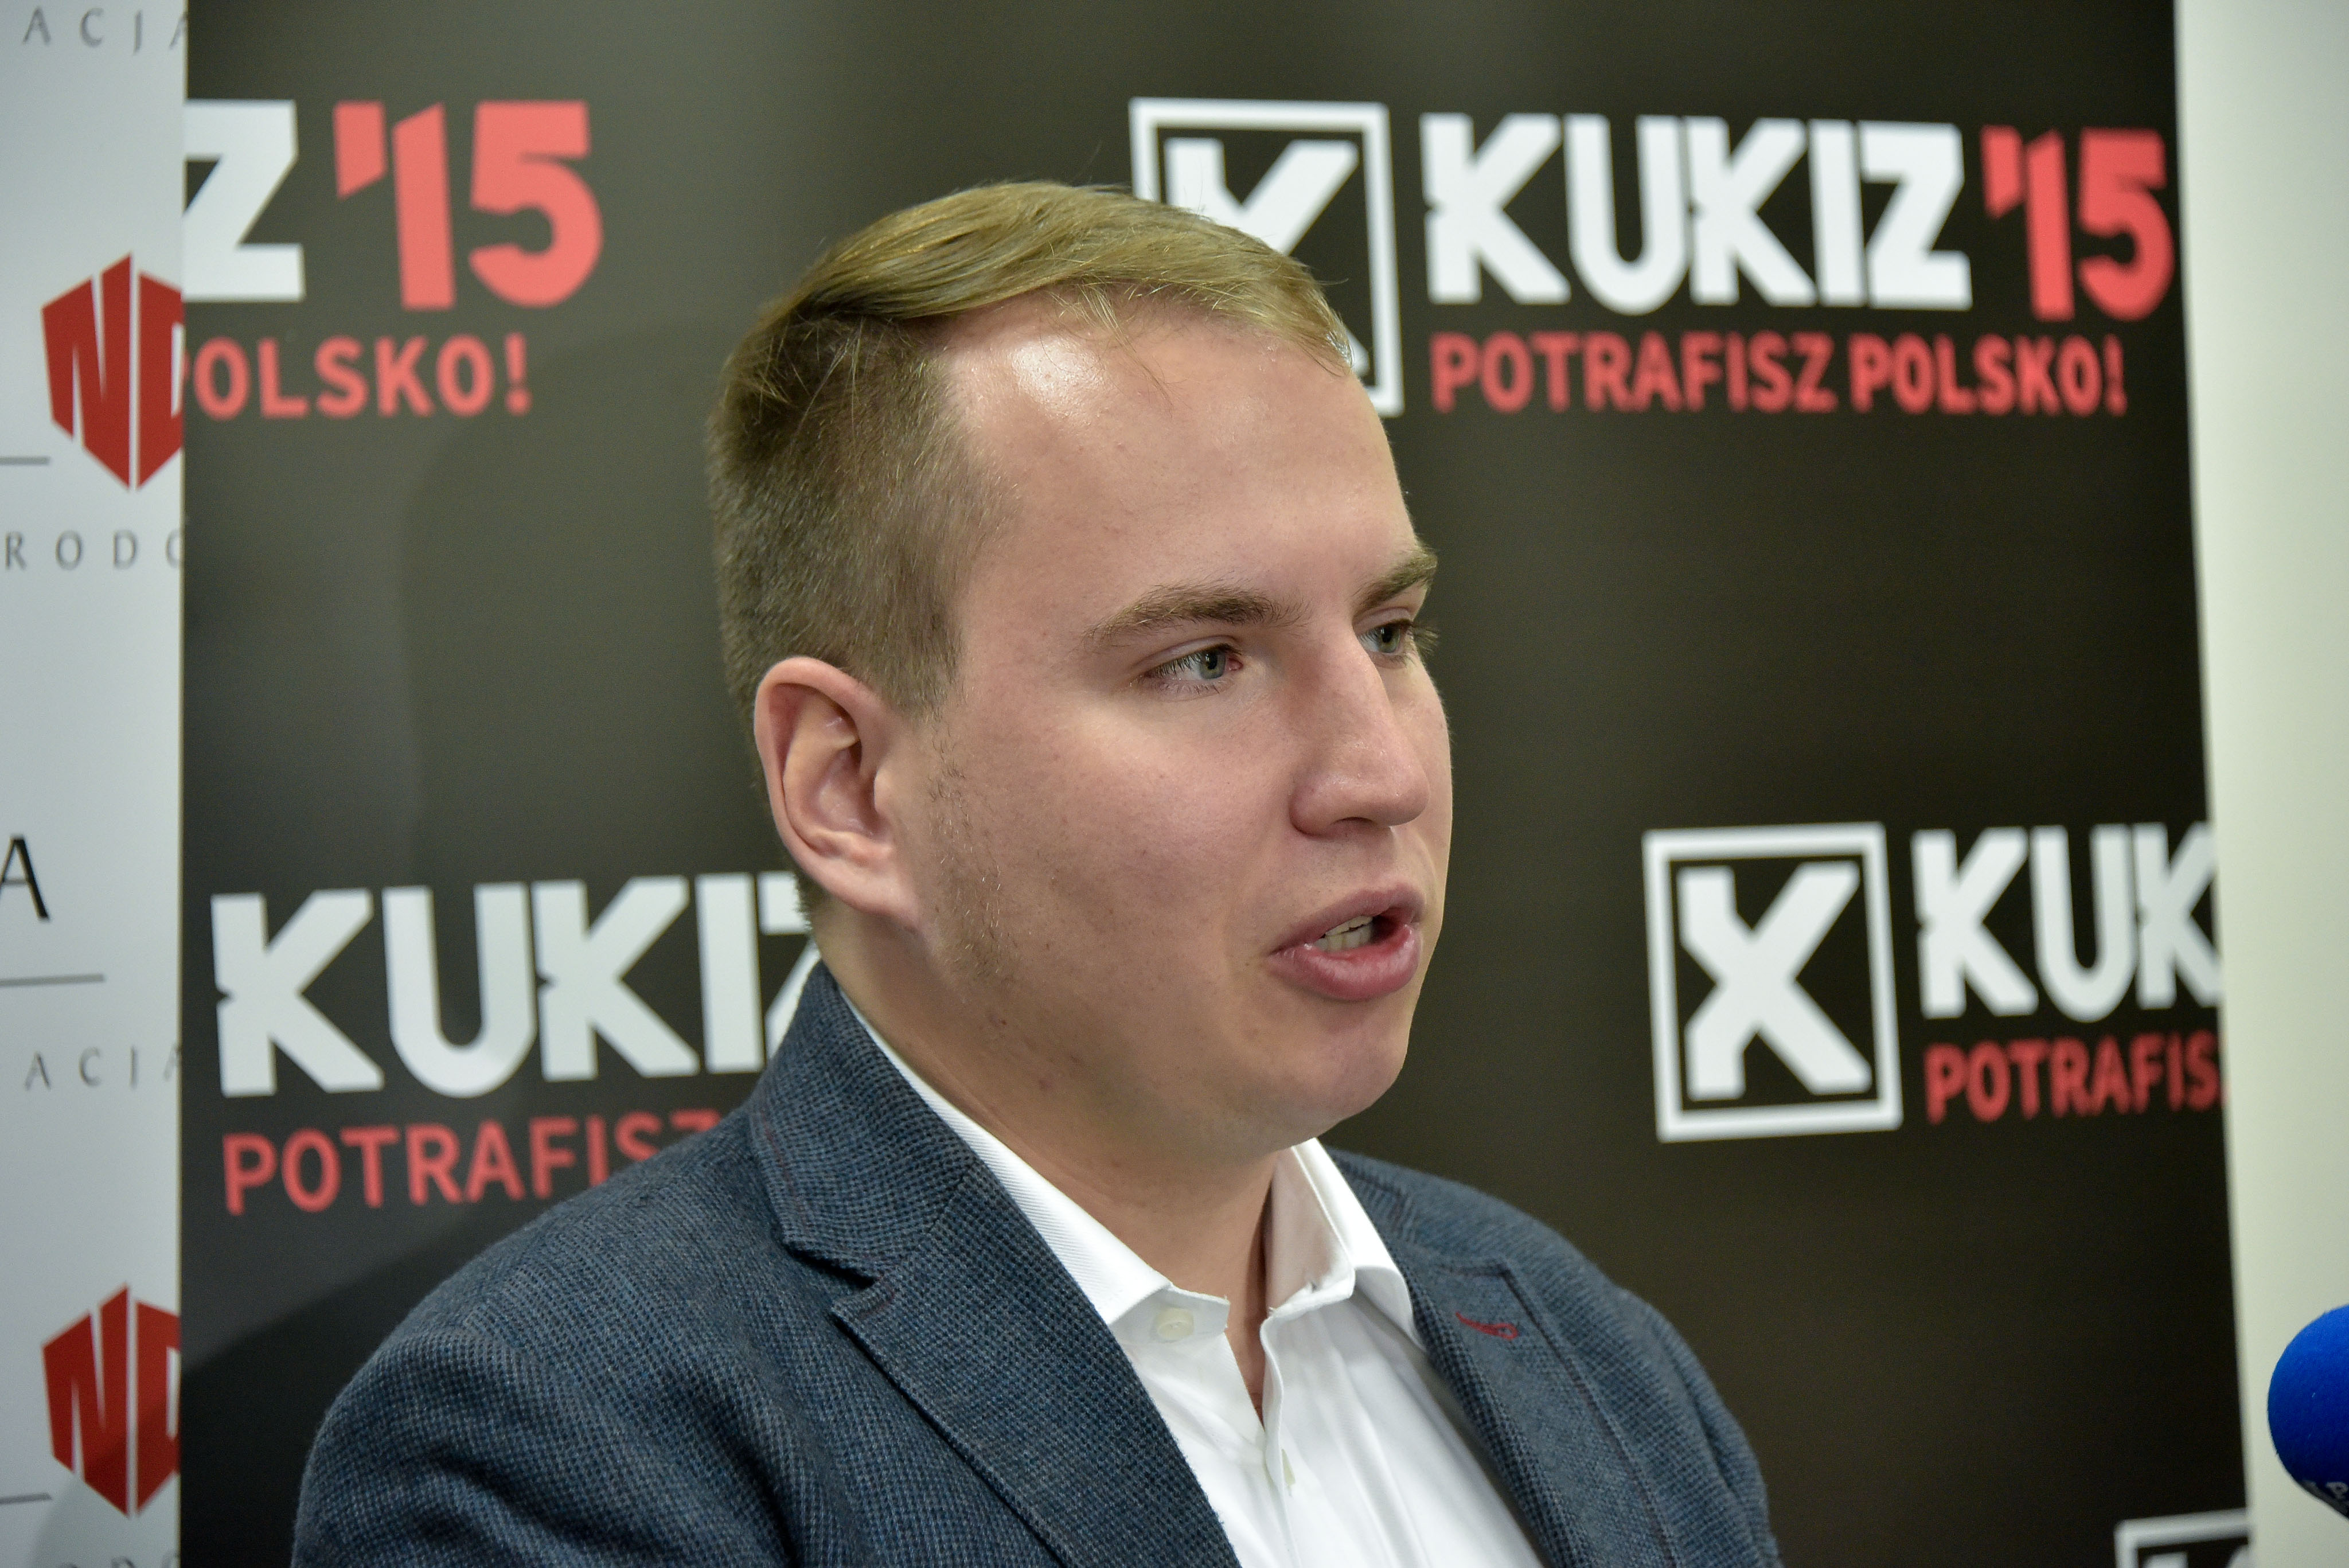 Poseł z Kukiz'15 nie ma samochodu i prawa jazdy. Pobiera z Sejmu pieniądze na paliwo